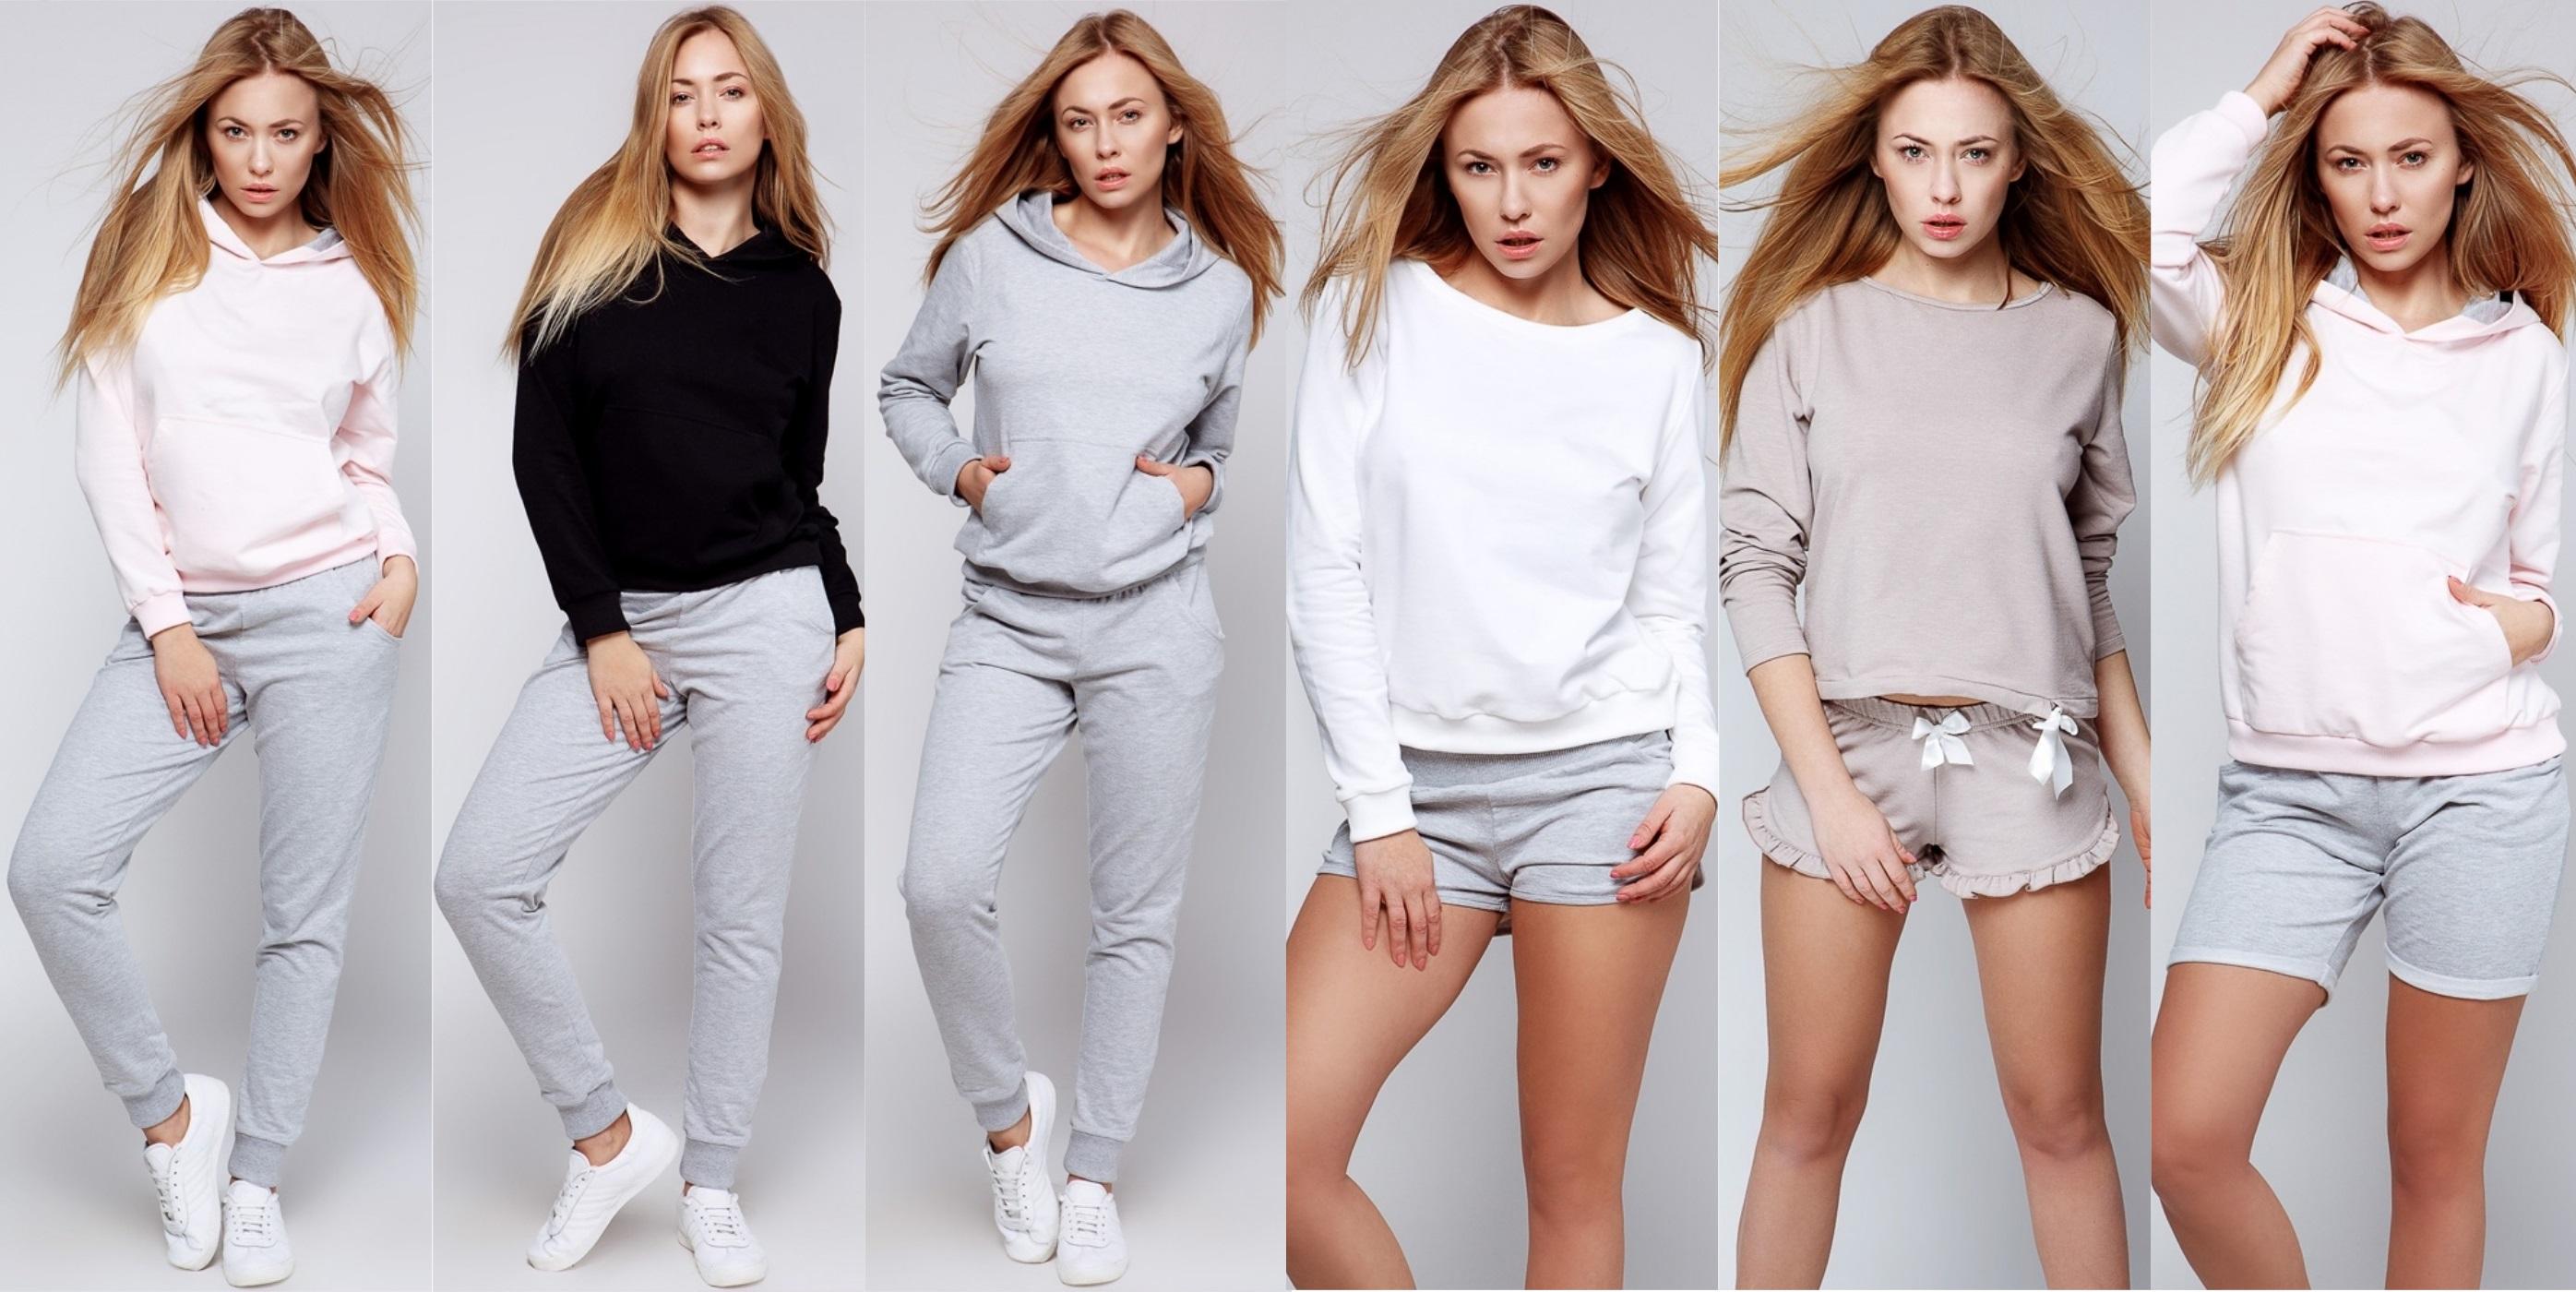 Женская одежда для дома Sensis купить